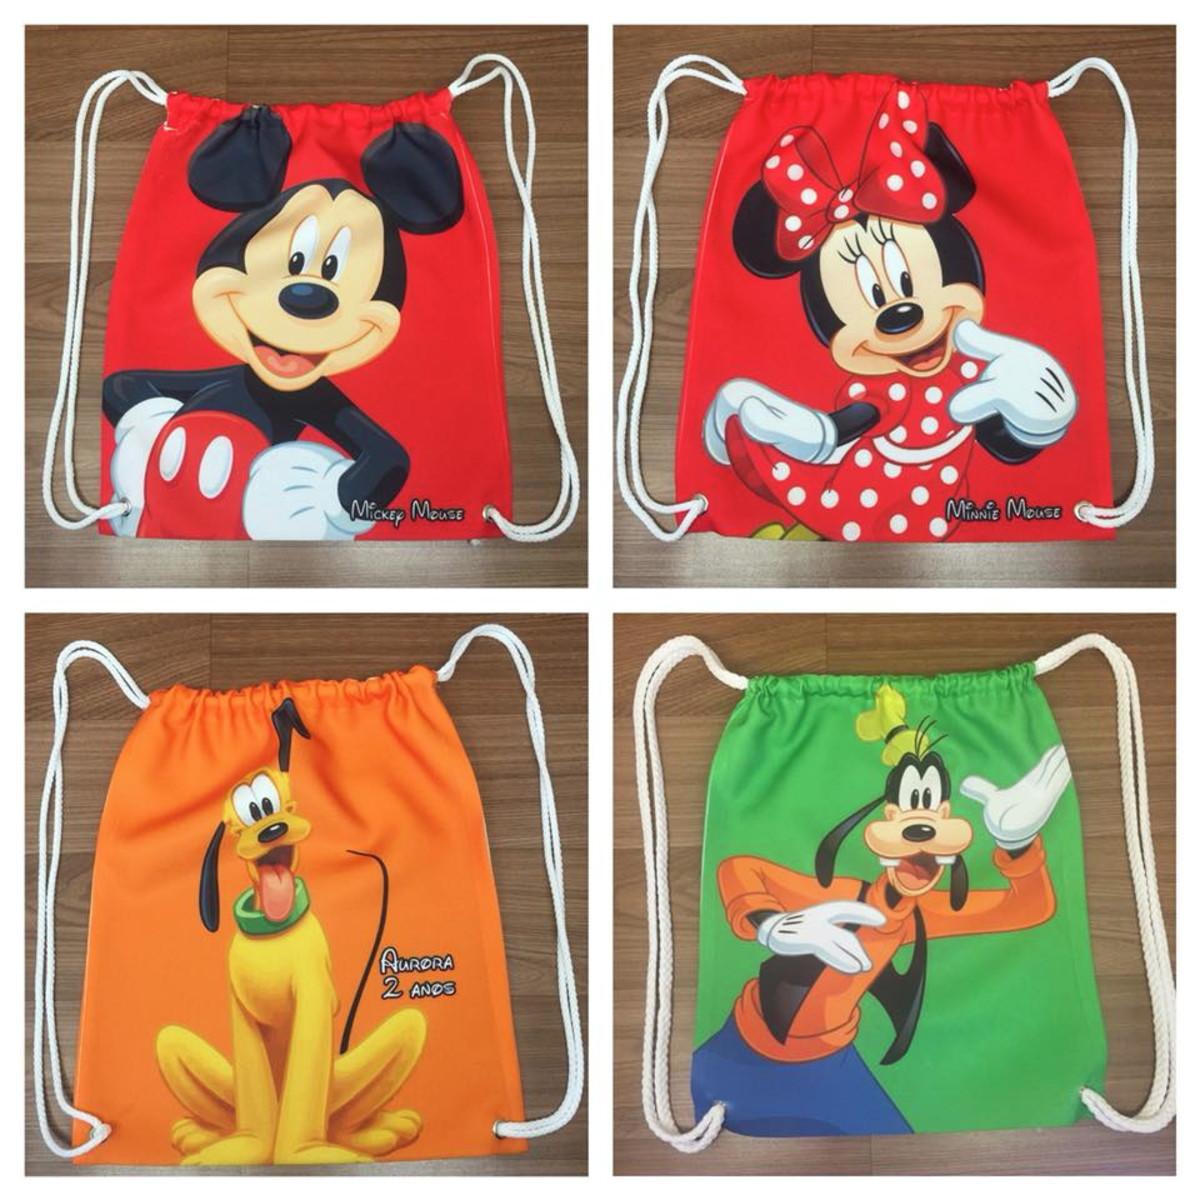 c837a14c8 Mochila Personalizada - Turma do Mickey no Elo7 | Kais Design ...